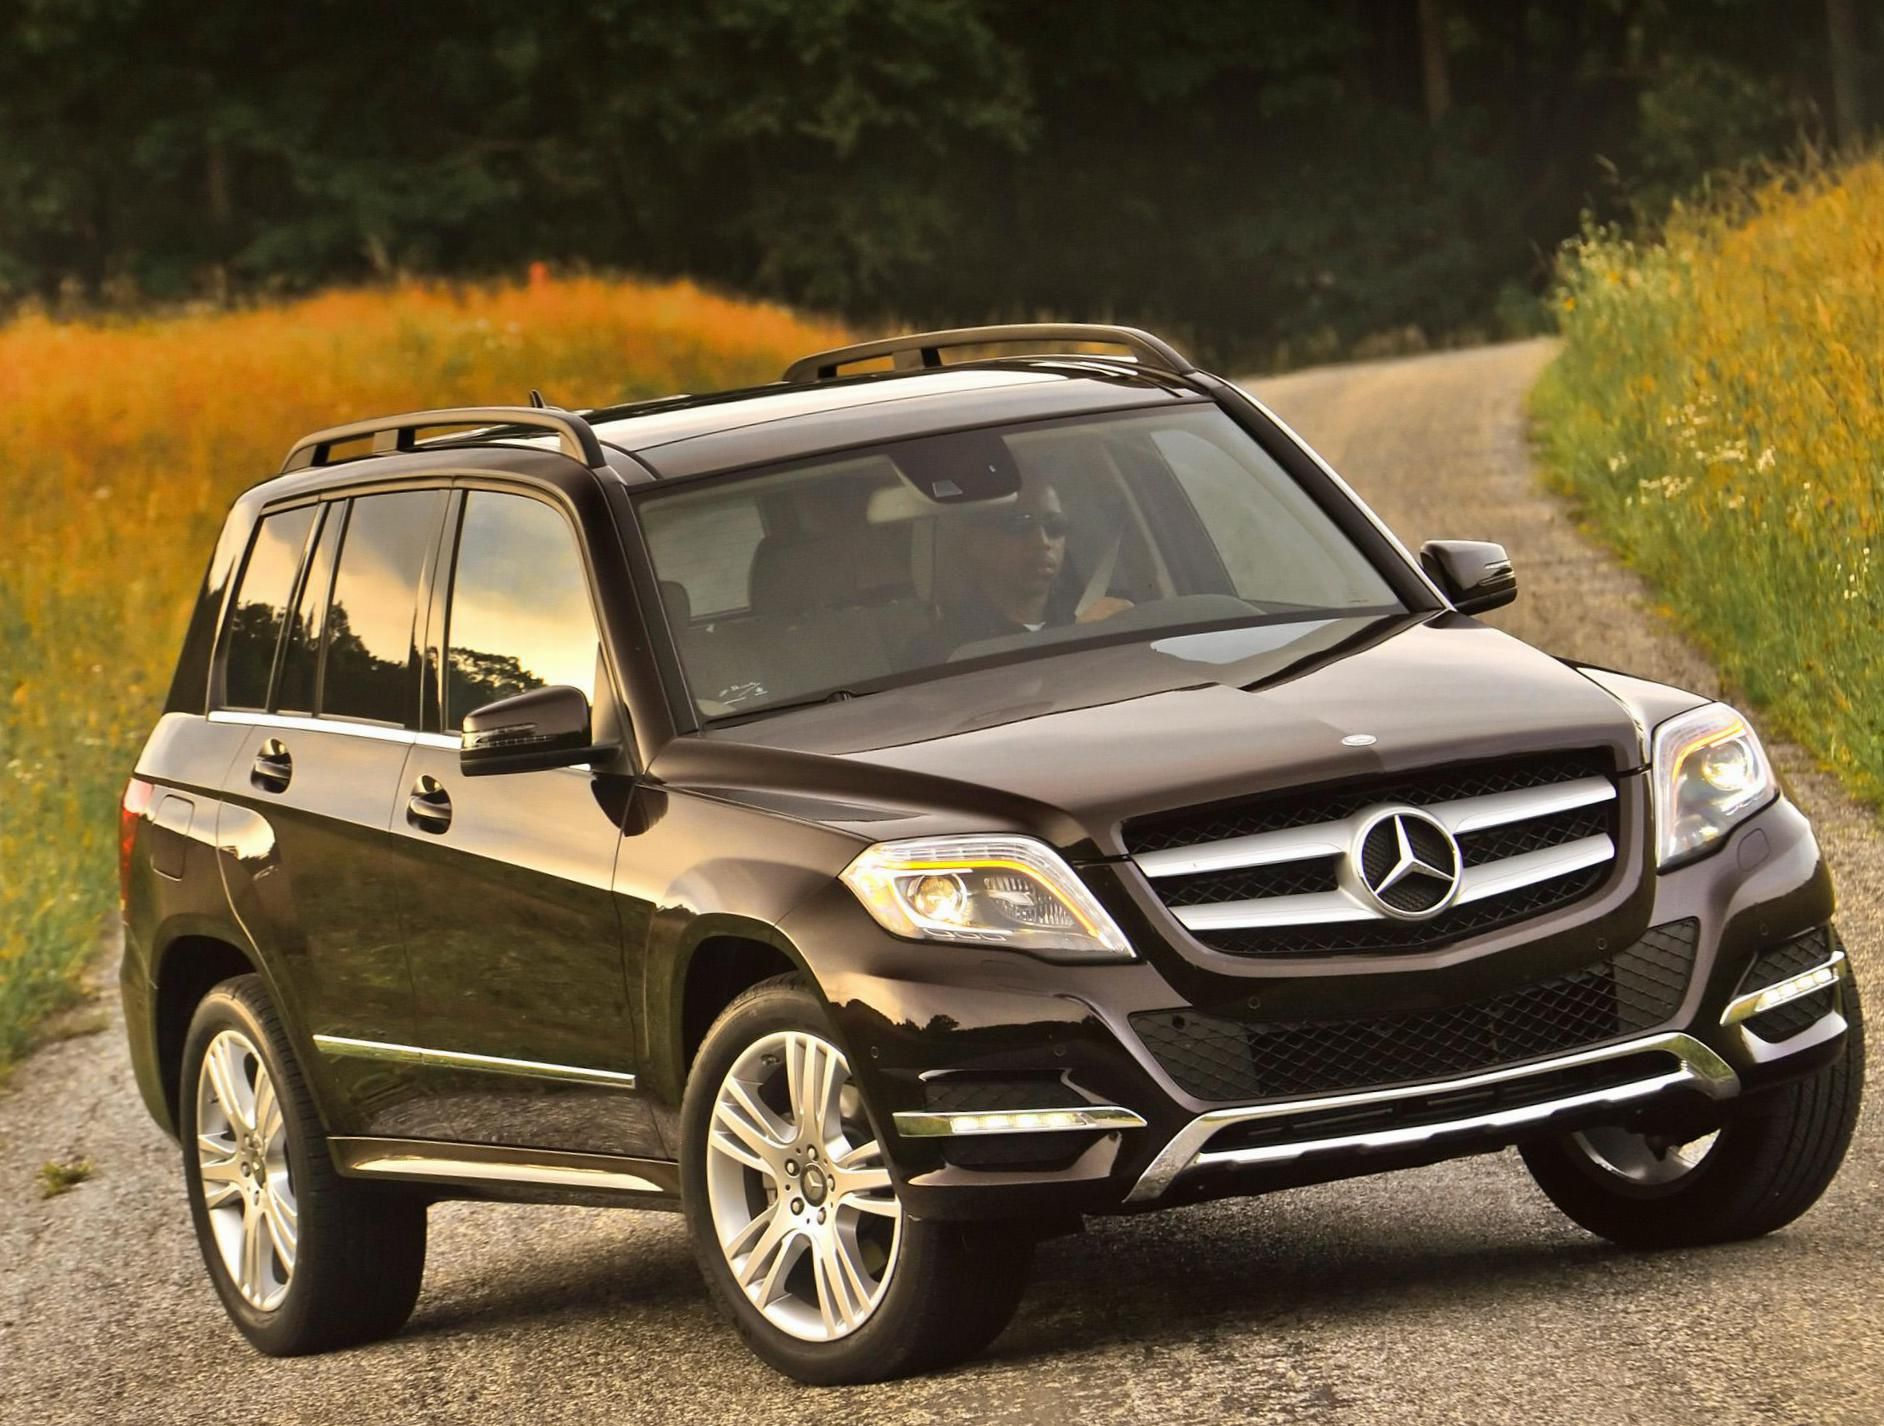 Mercedes GLK-Class (X204) specs - http://autotras.com